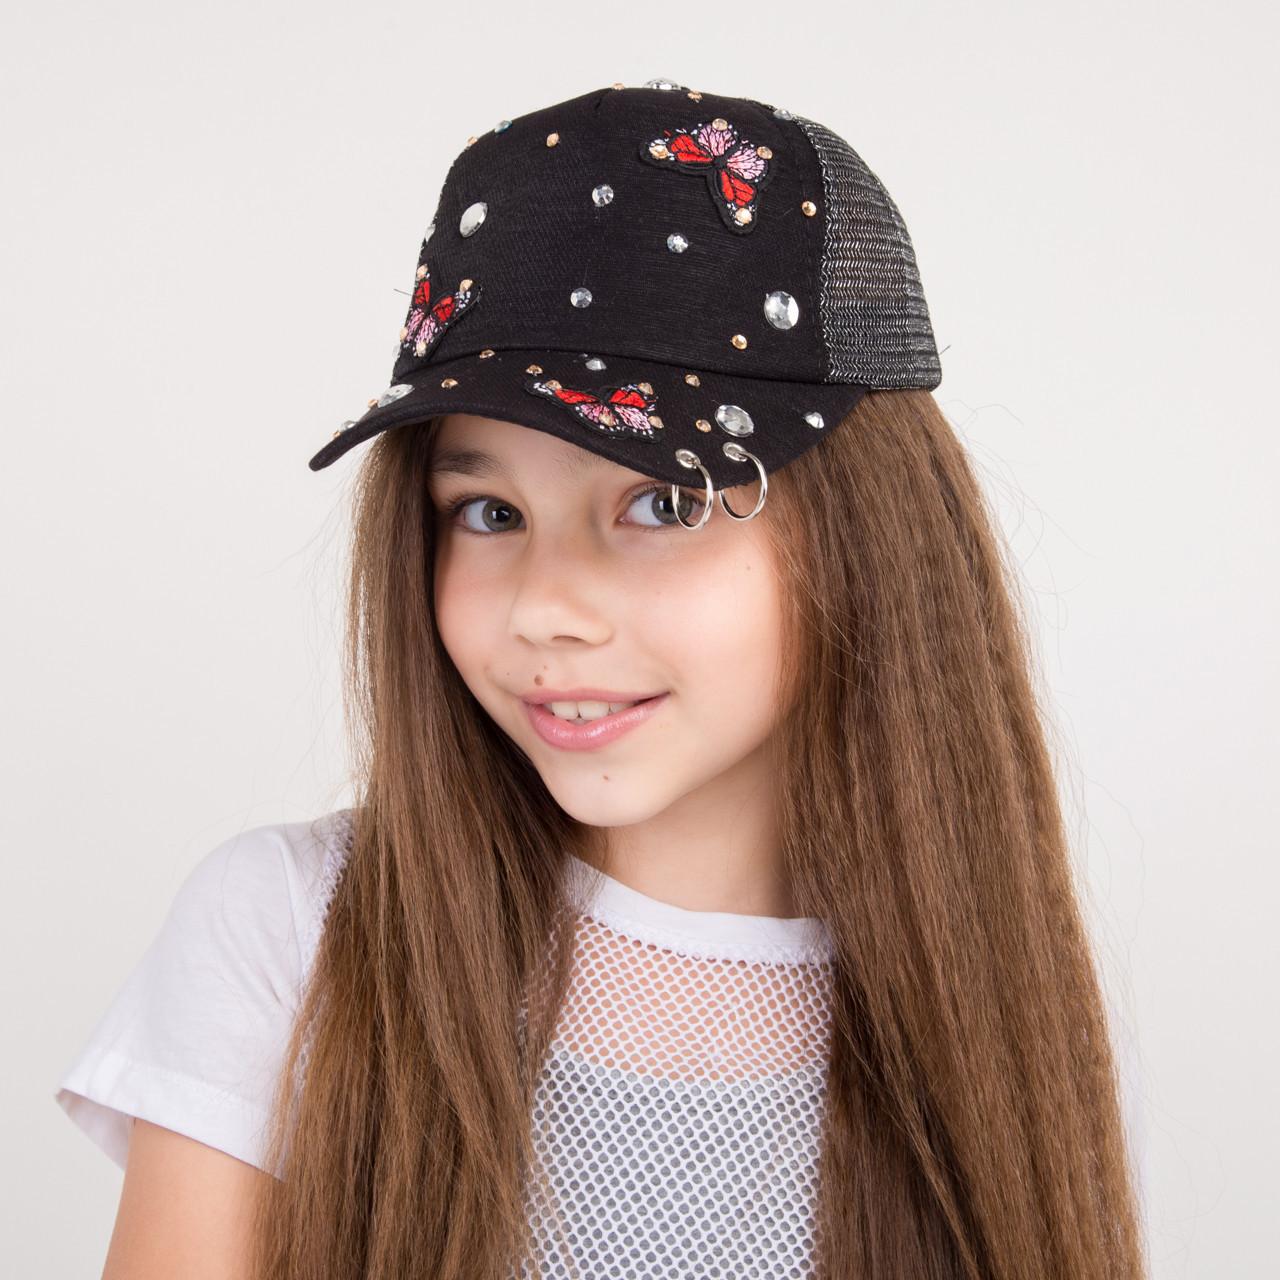 Стильная бейсболка для девочек - Butterfly-swarovski - 32018-1